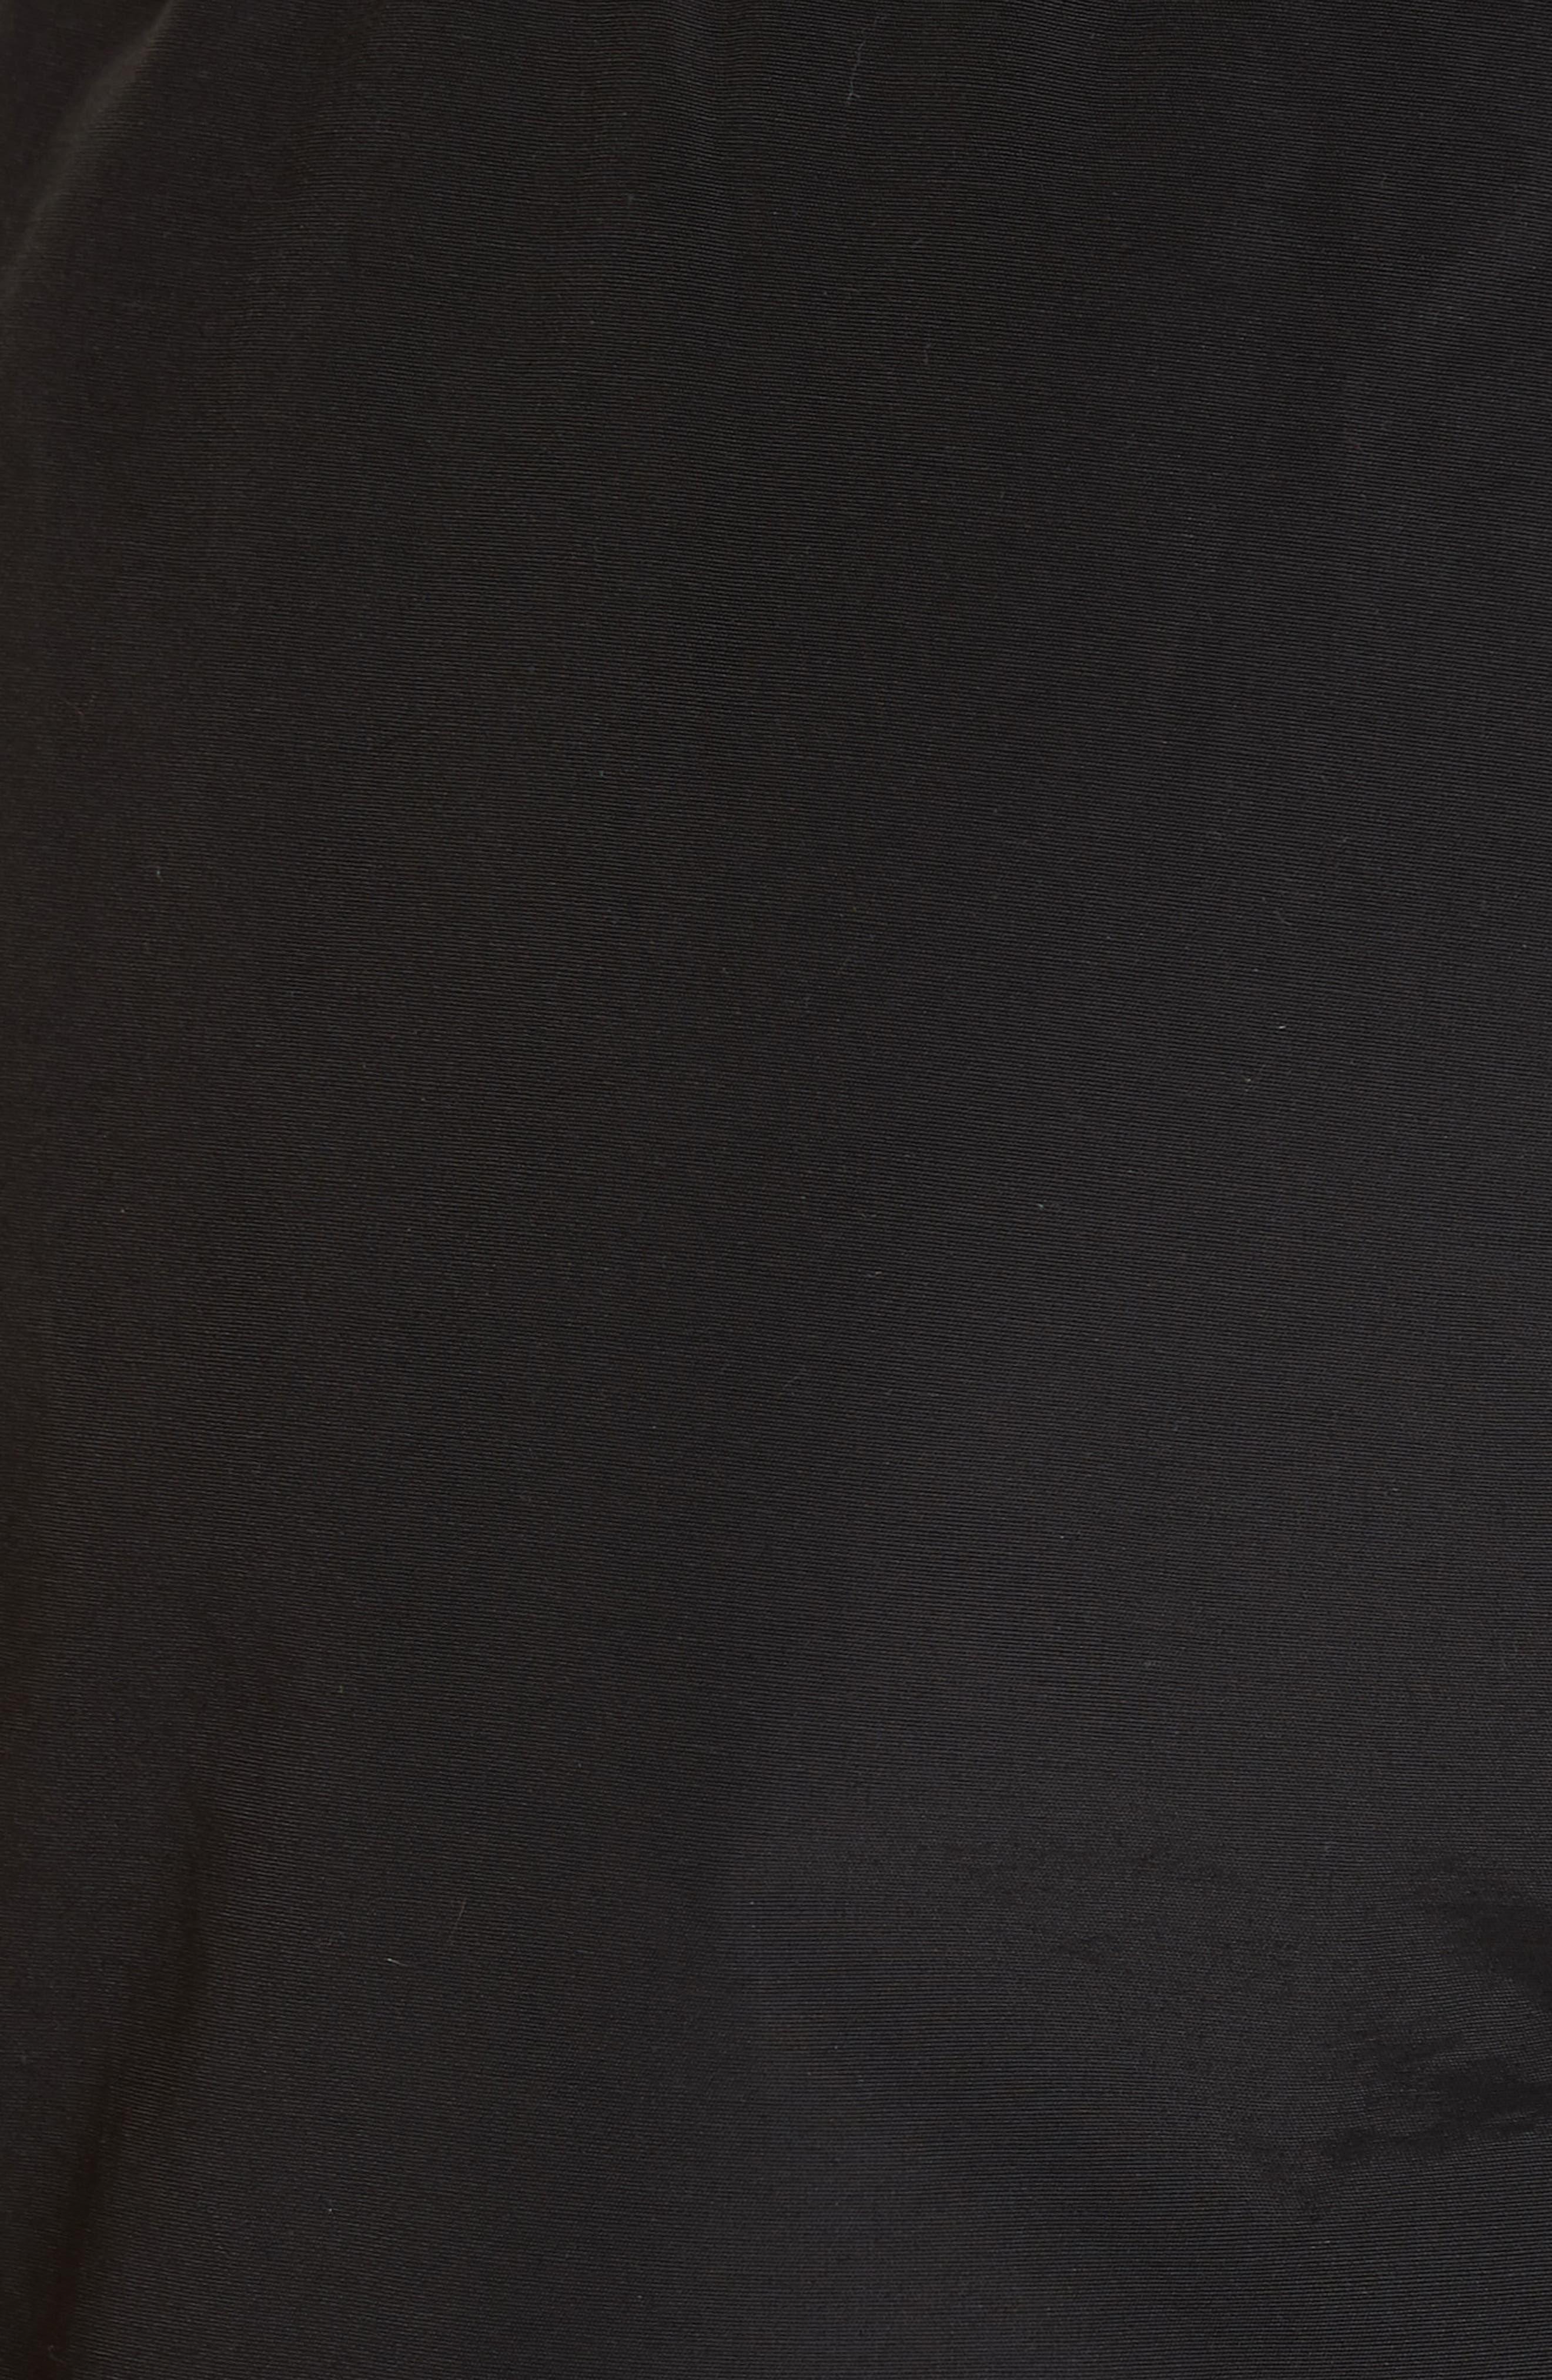 Charles Swim Trunks,                             Alternate thumbnail 5, color,                             BLACK